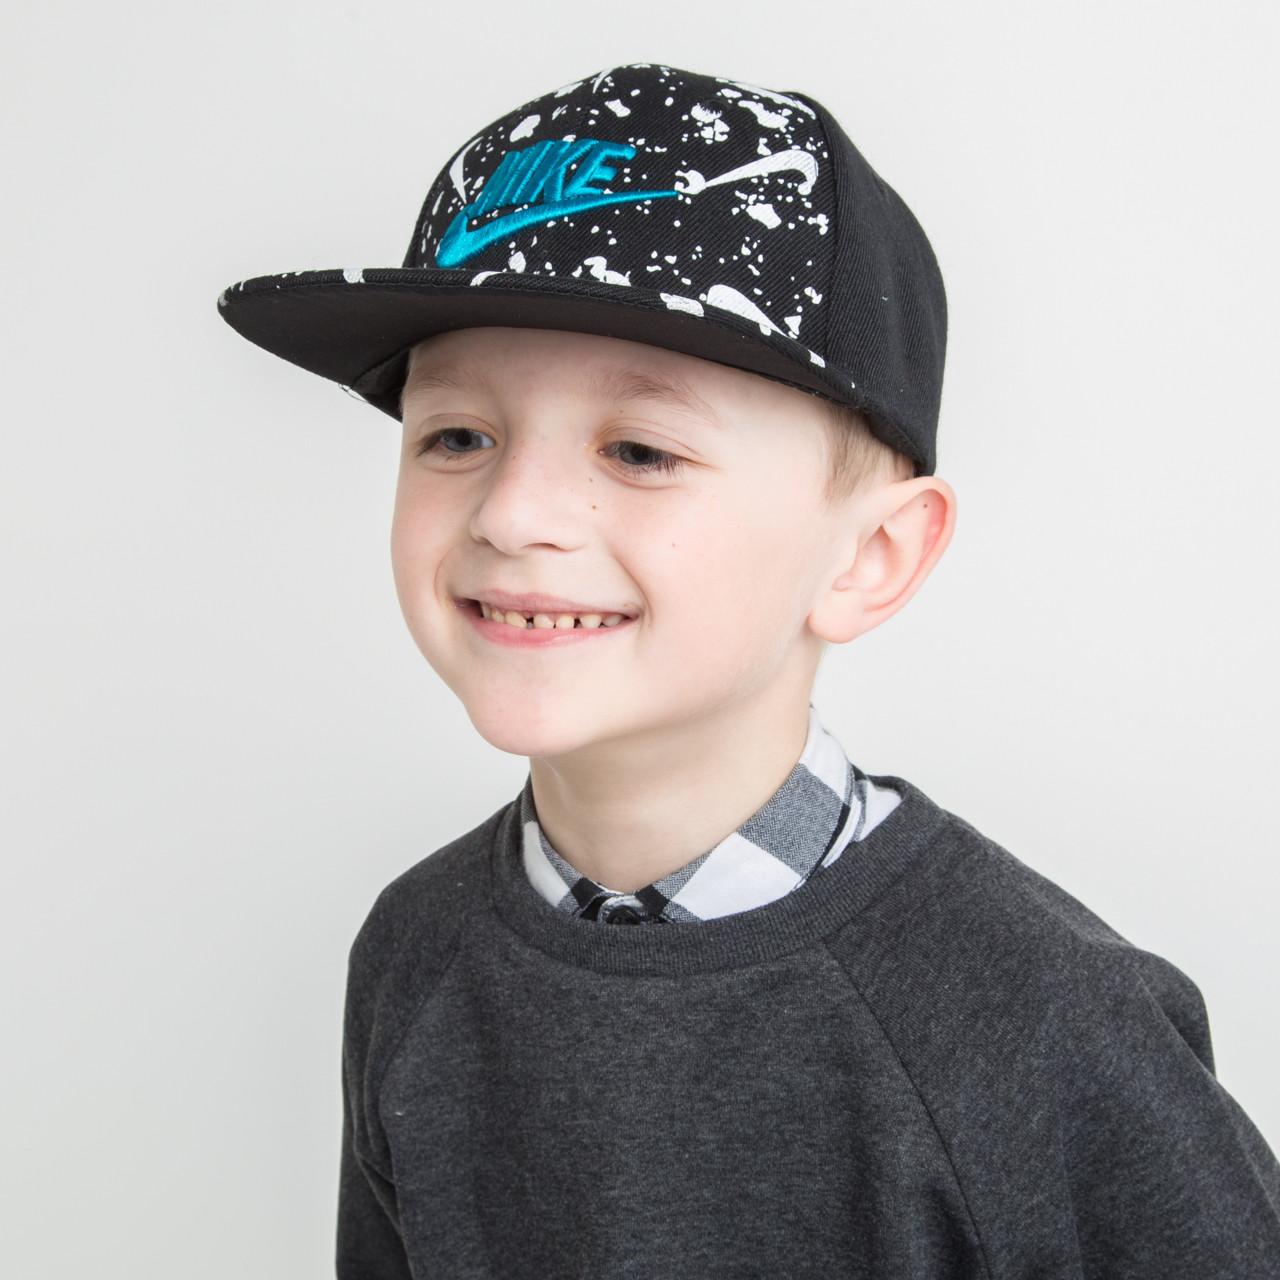 Брендовая кепка Snapback для мальчика оптом - Nike (реплика) - 82018-13